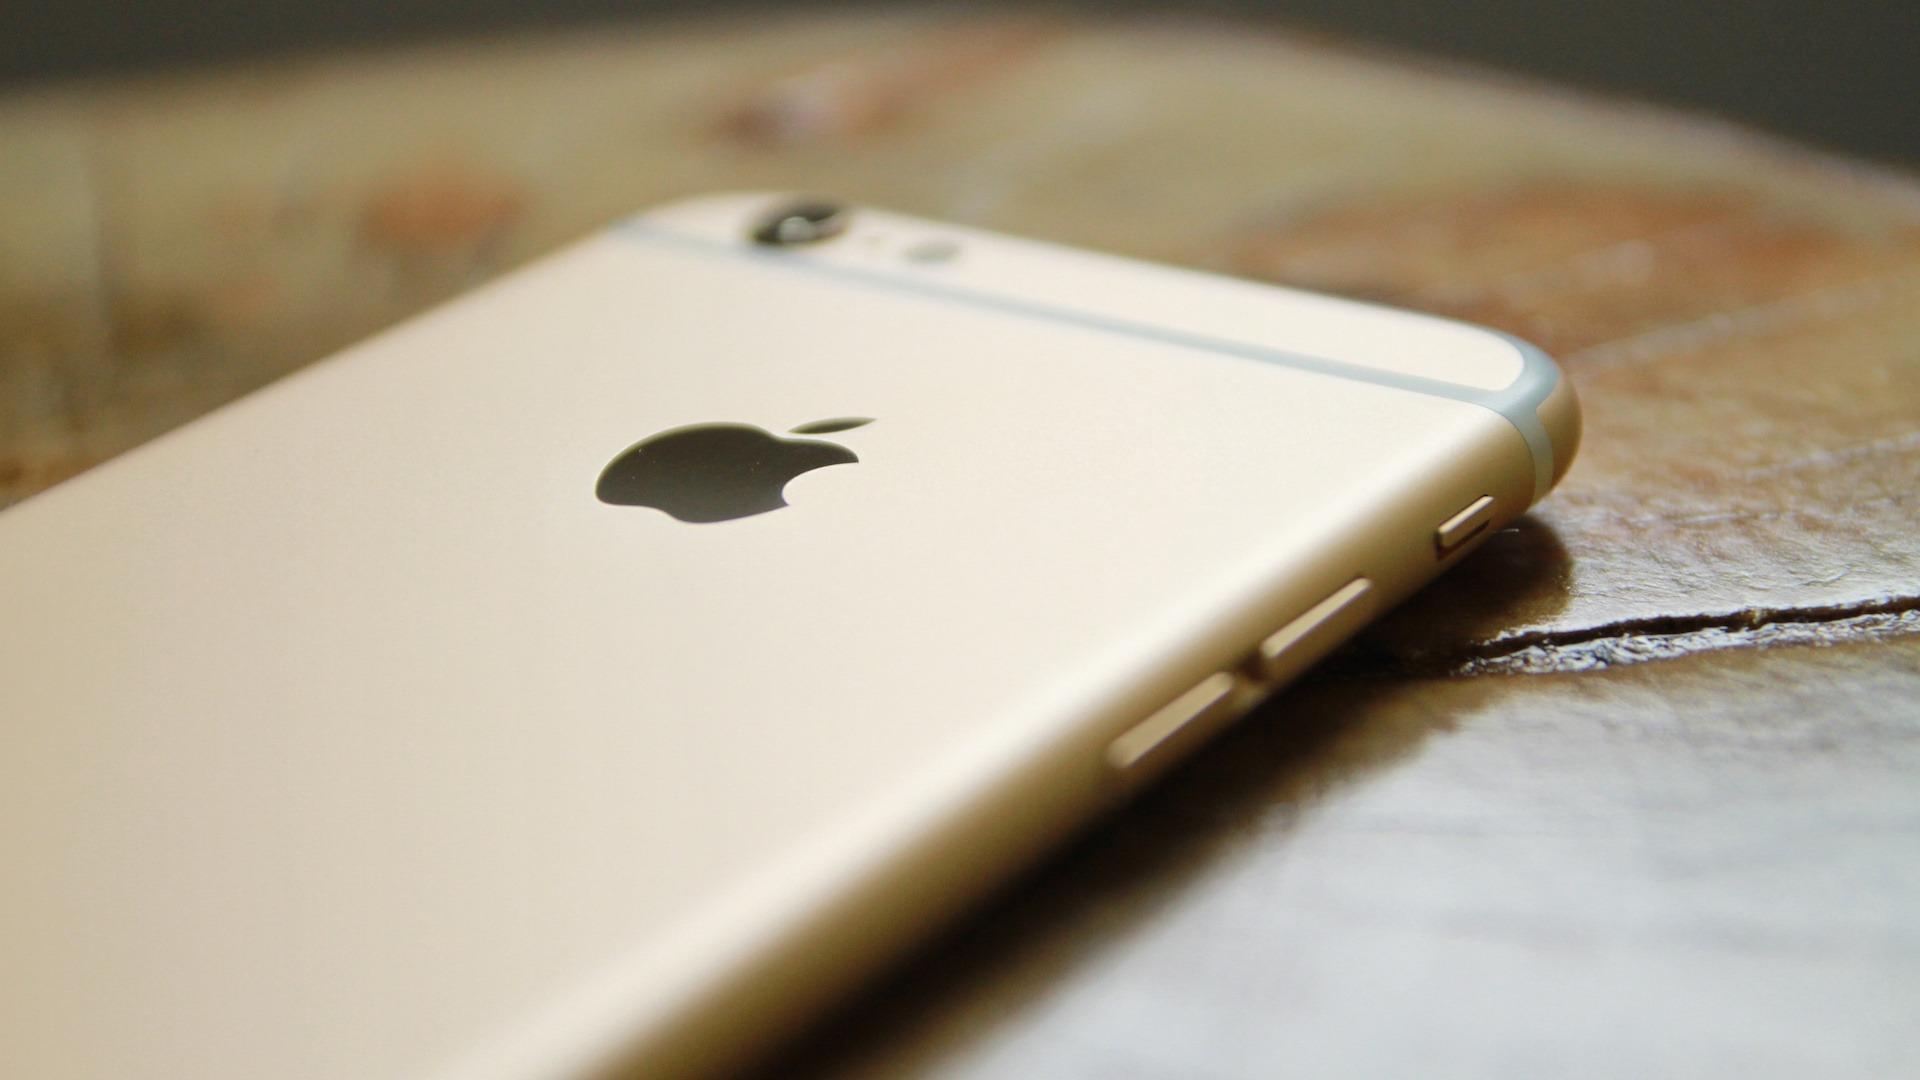 Apple iPhone Mobile App Design Tech blogs tech content social media